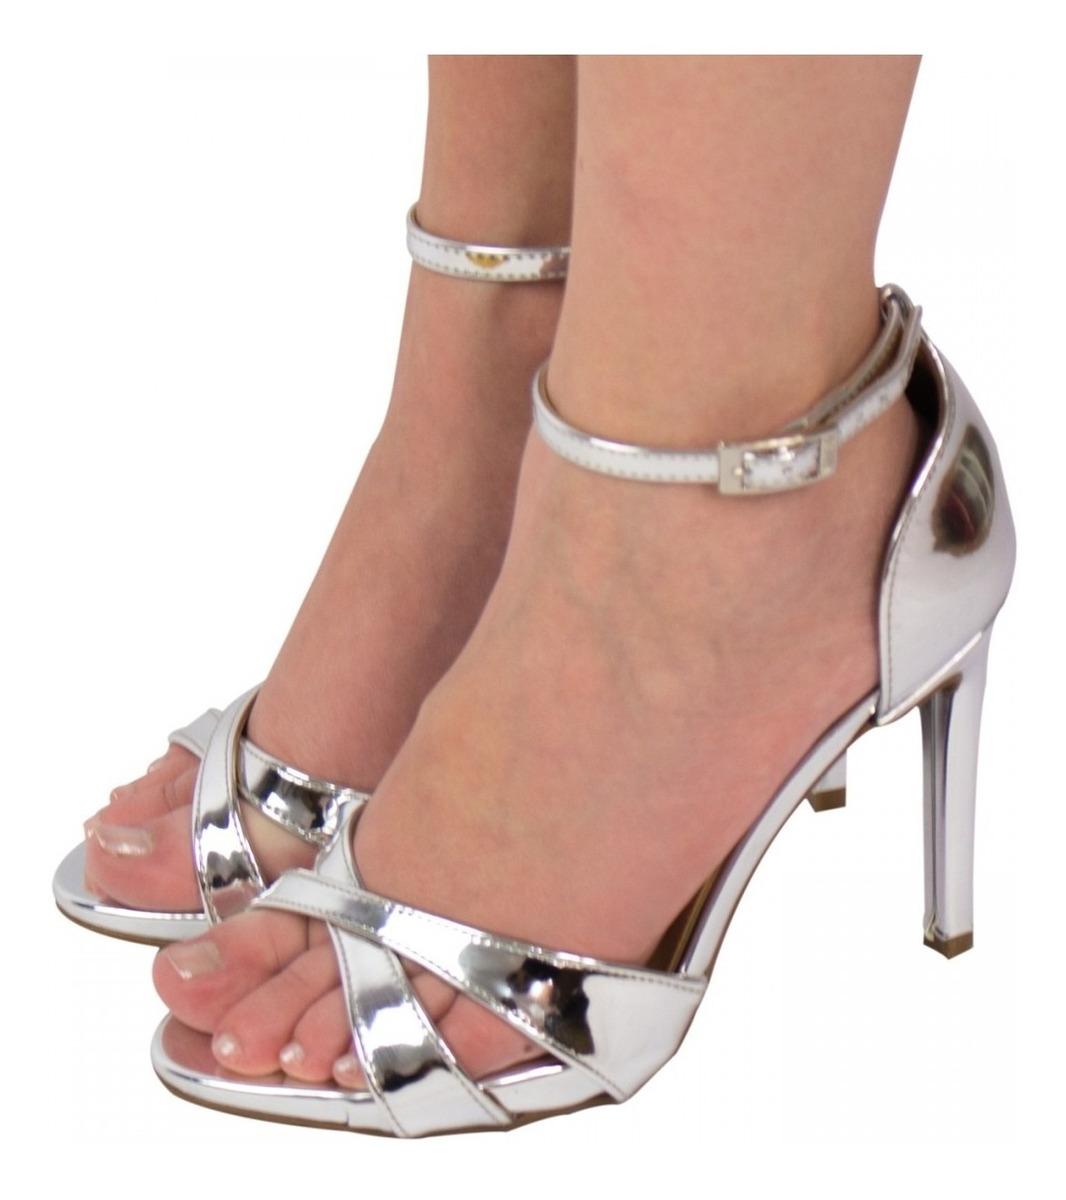 8bd3846bc768e7 sandália feminina vizzano metal glamour salto fino 6302.107. Carregando  zoom.